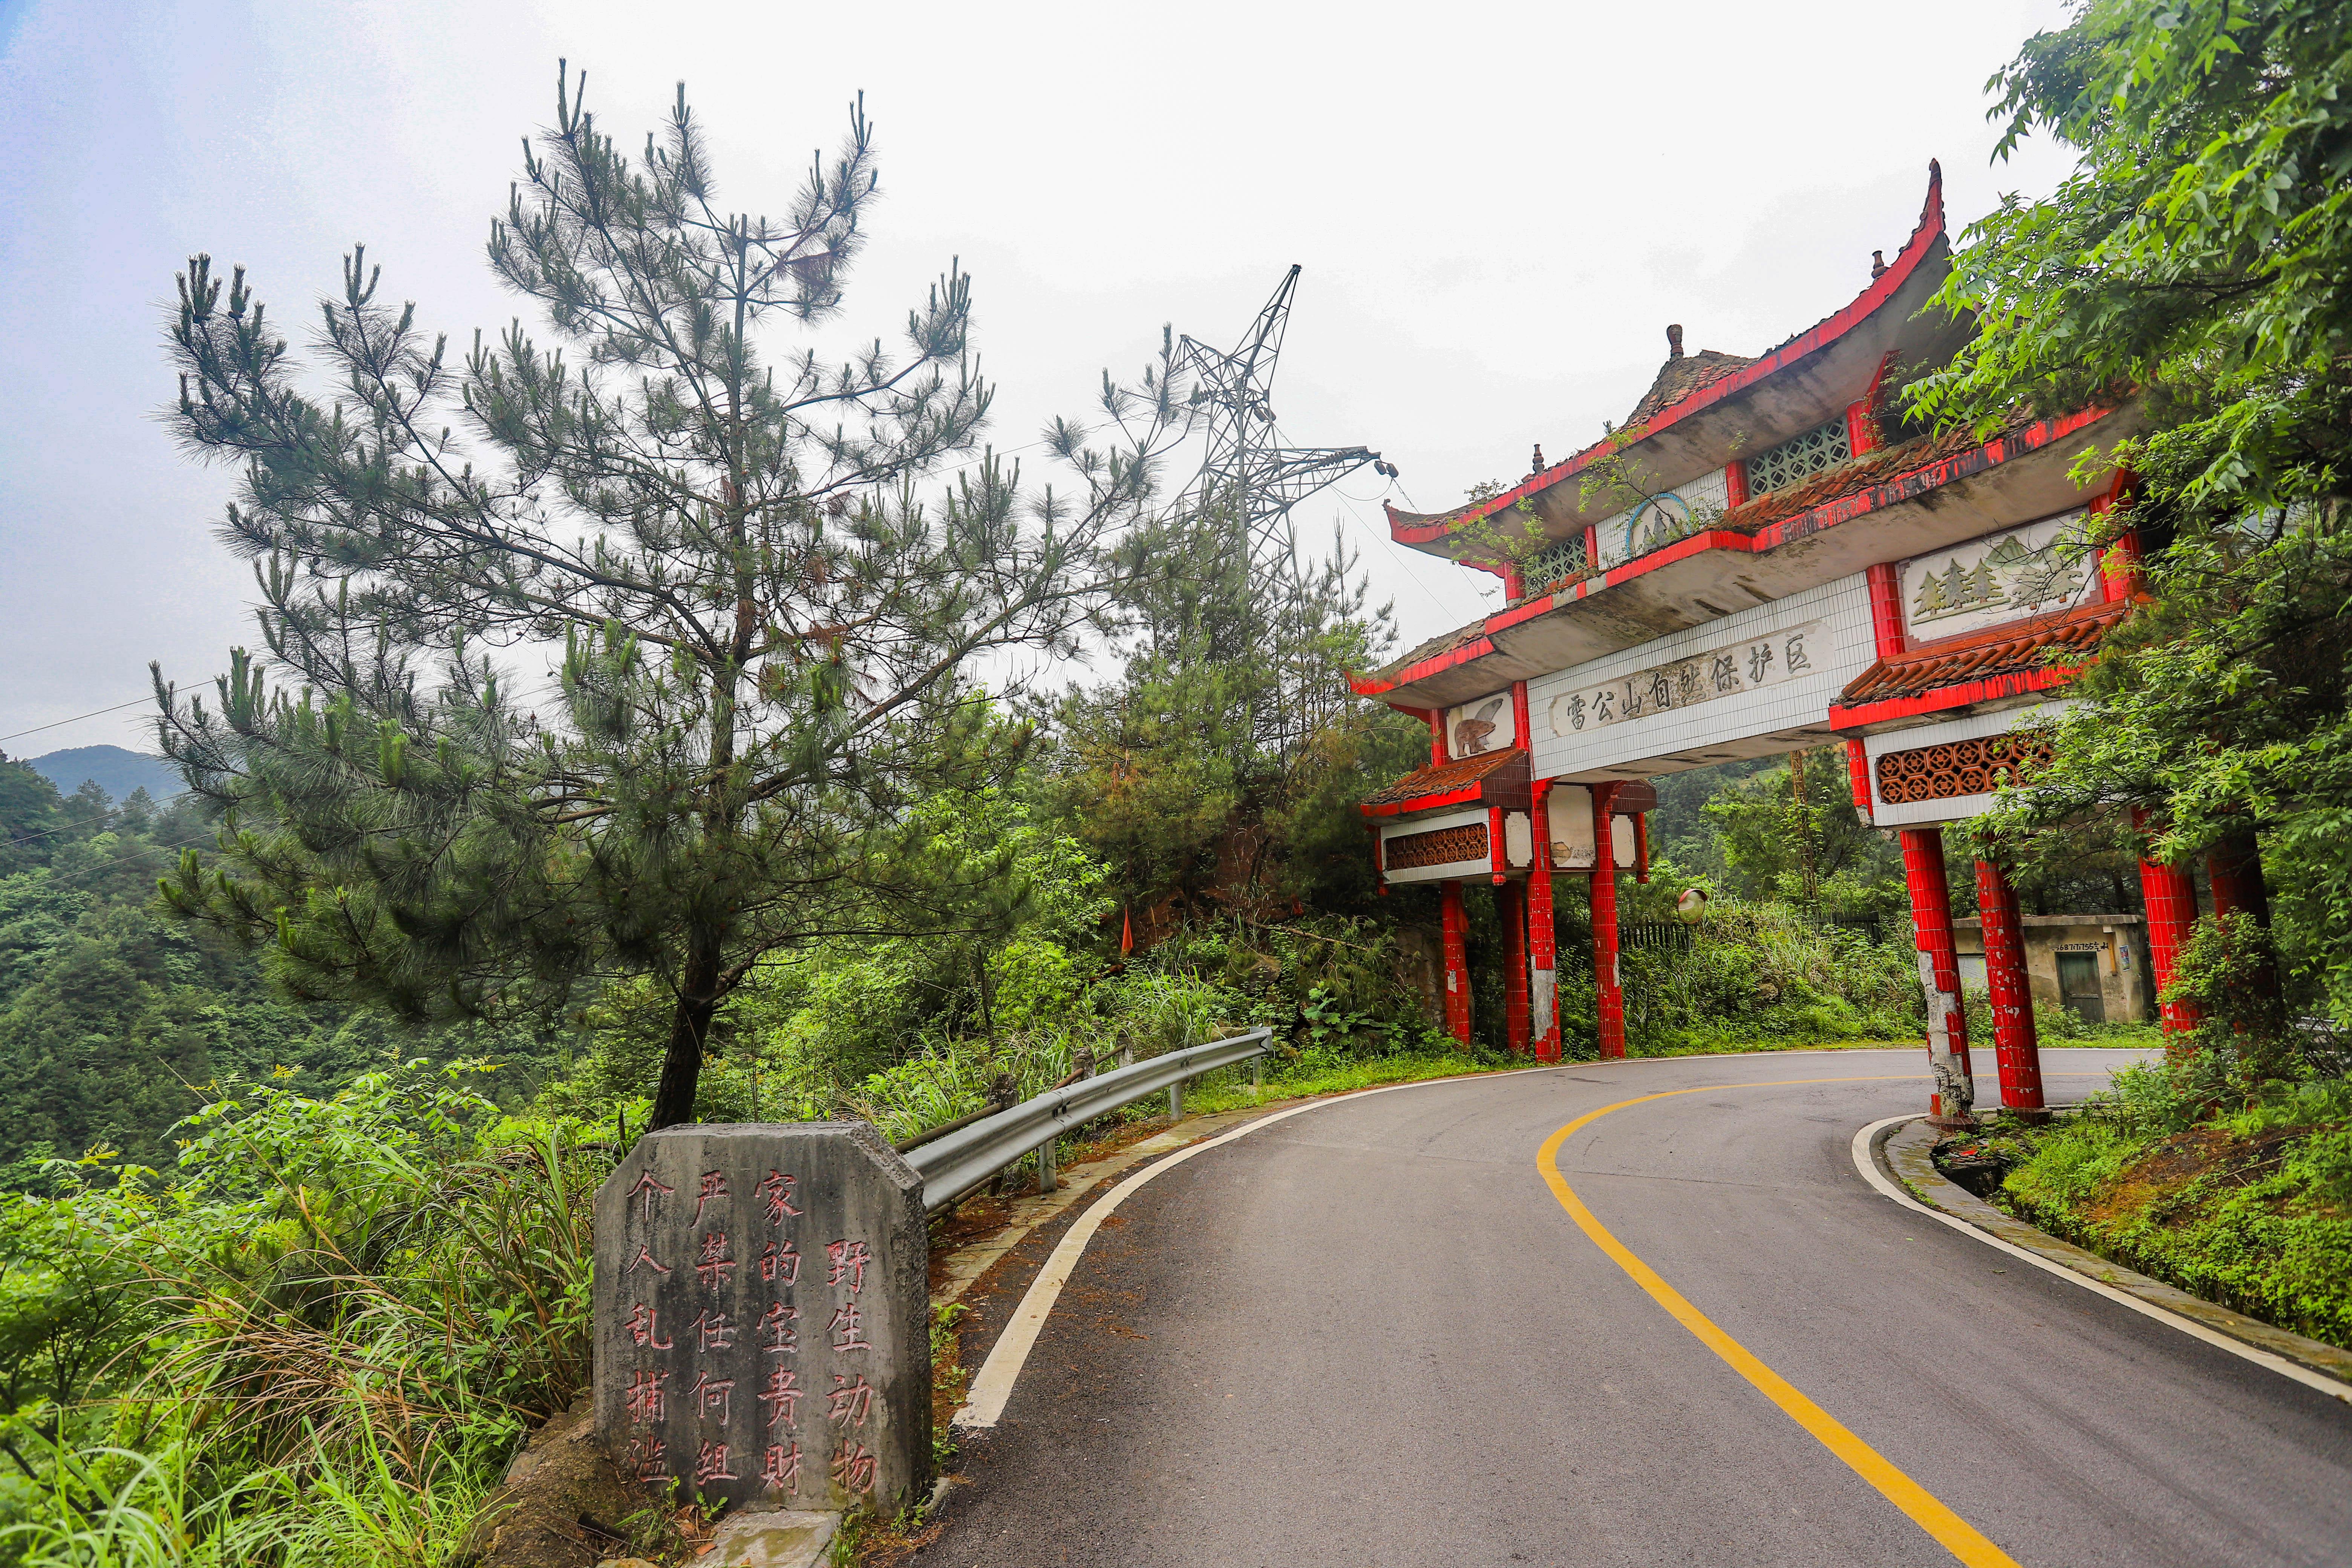 乡村旅游网:黔东南一夜爆红的苗族村落,被誉为梯田托起来的村庄,鲜为人知